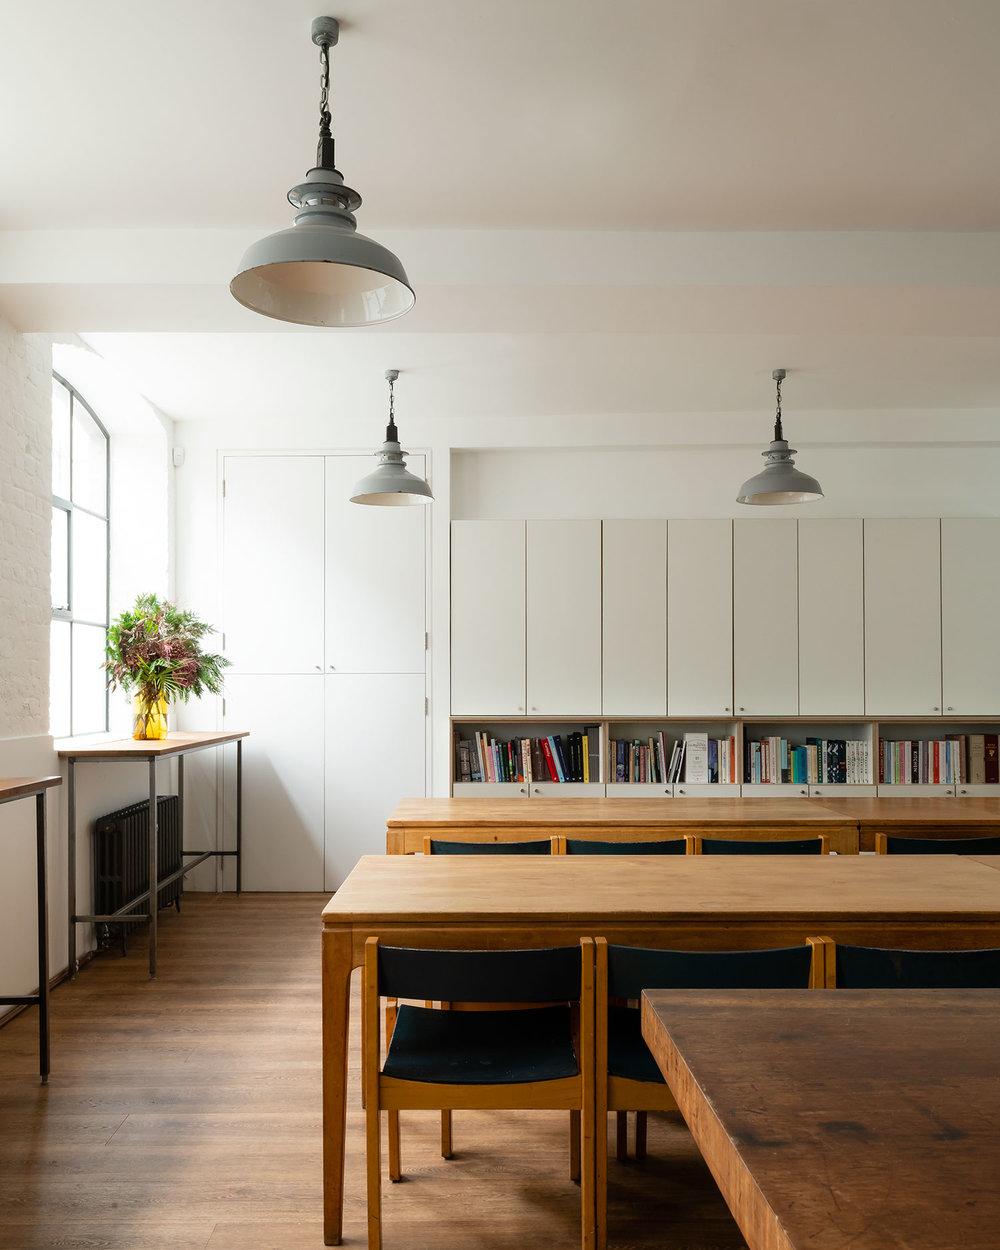 Architecture-London-Design-Freehaus-Workspace-Ink-Works-9.jpg